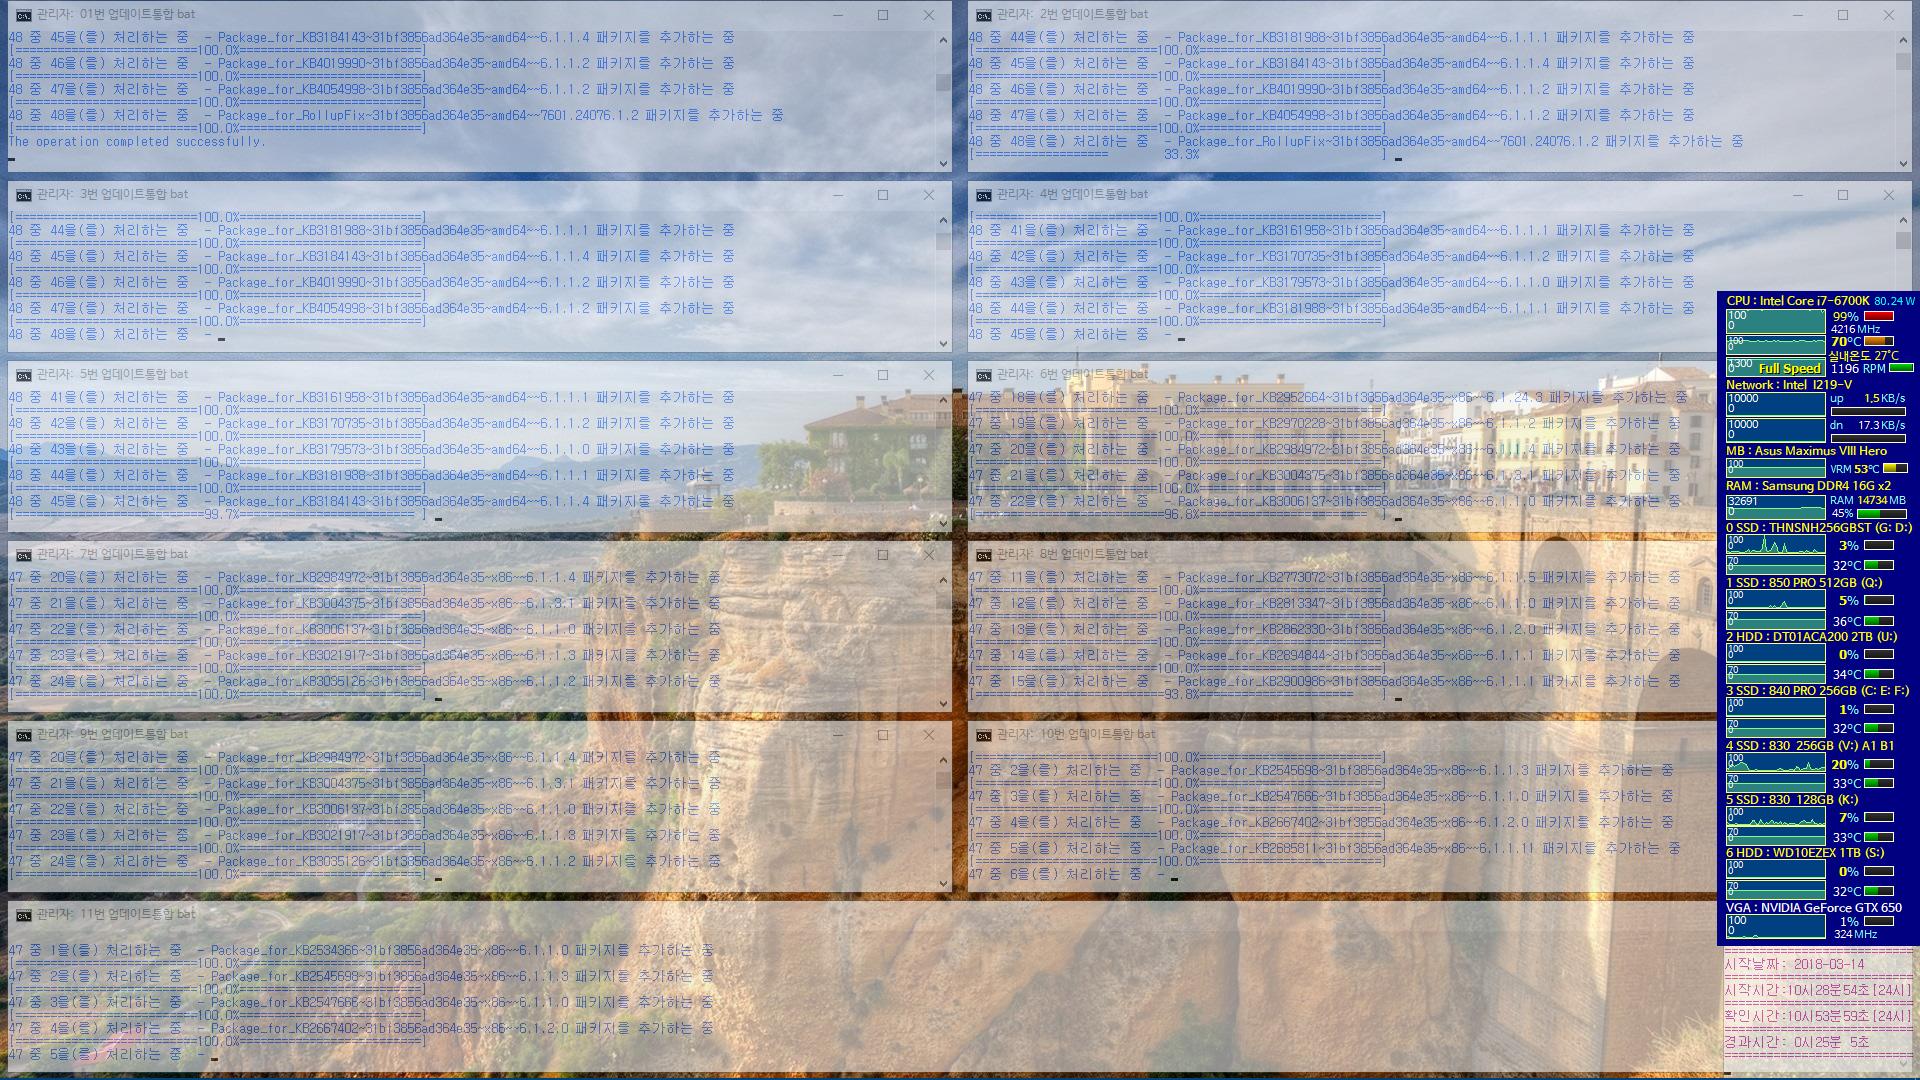 2018년 3월 14일 정기 업데이트 나왔네요 - 윈도7 [7601.24076] IE11 통합중 입니다 2018-03-14_105400.png